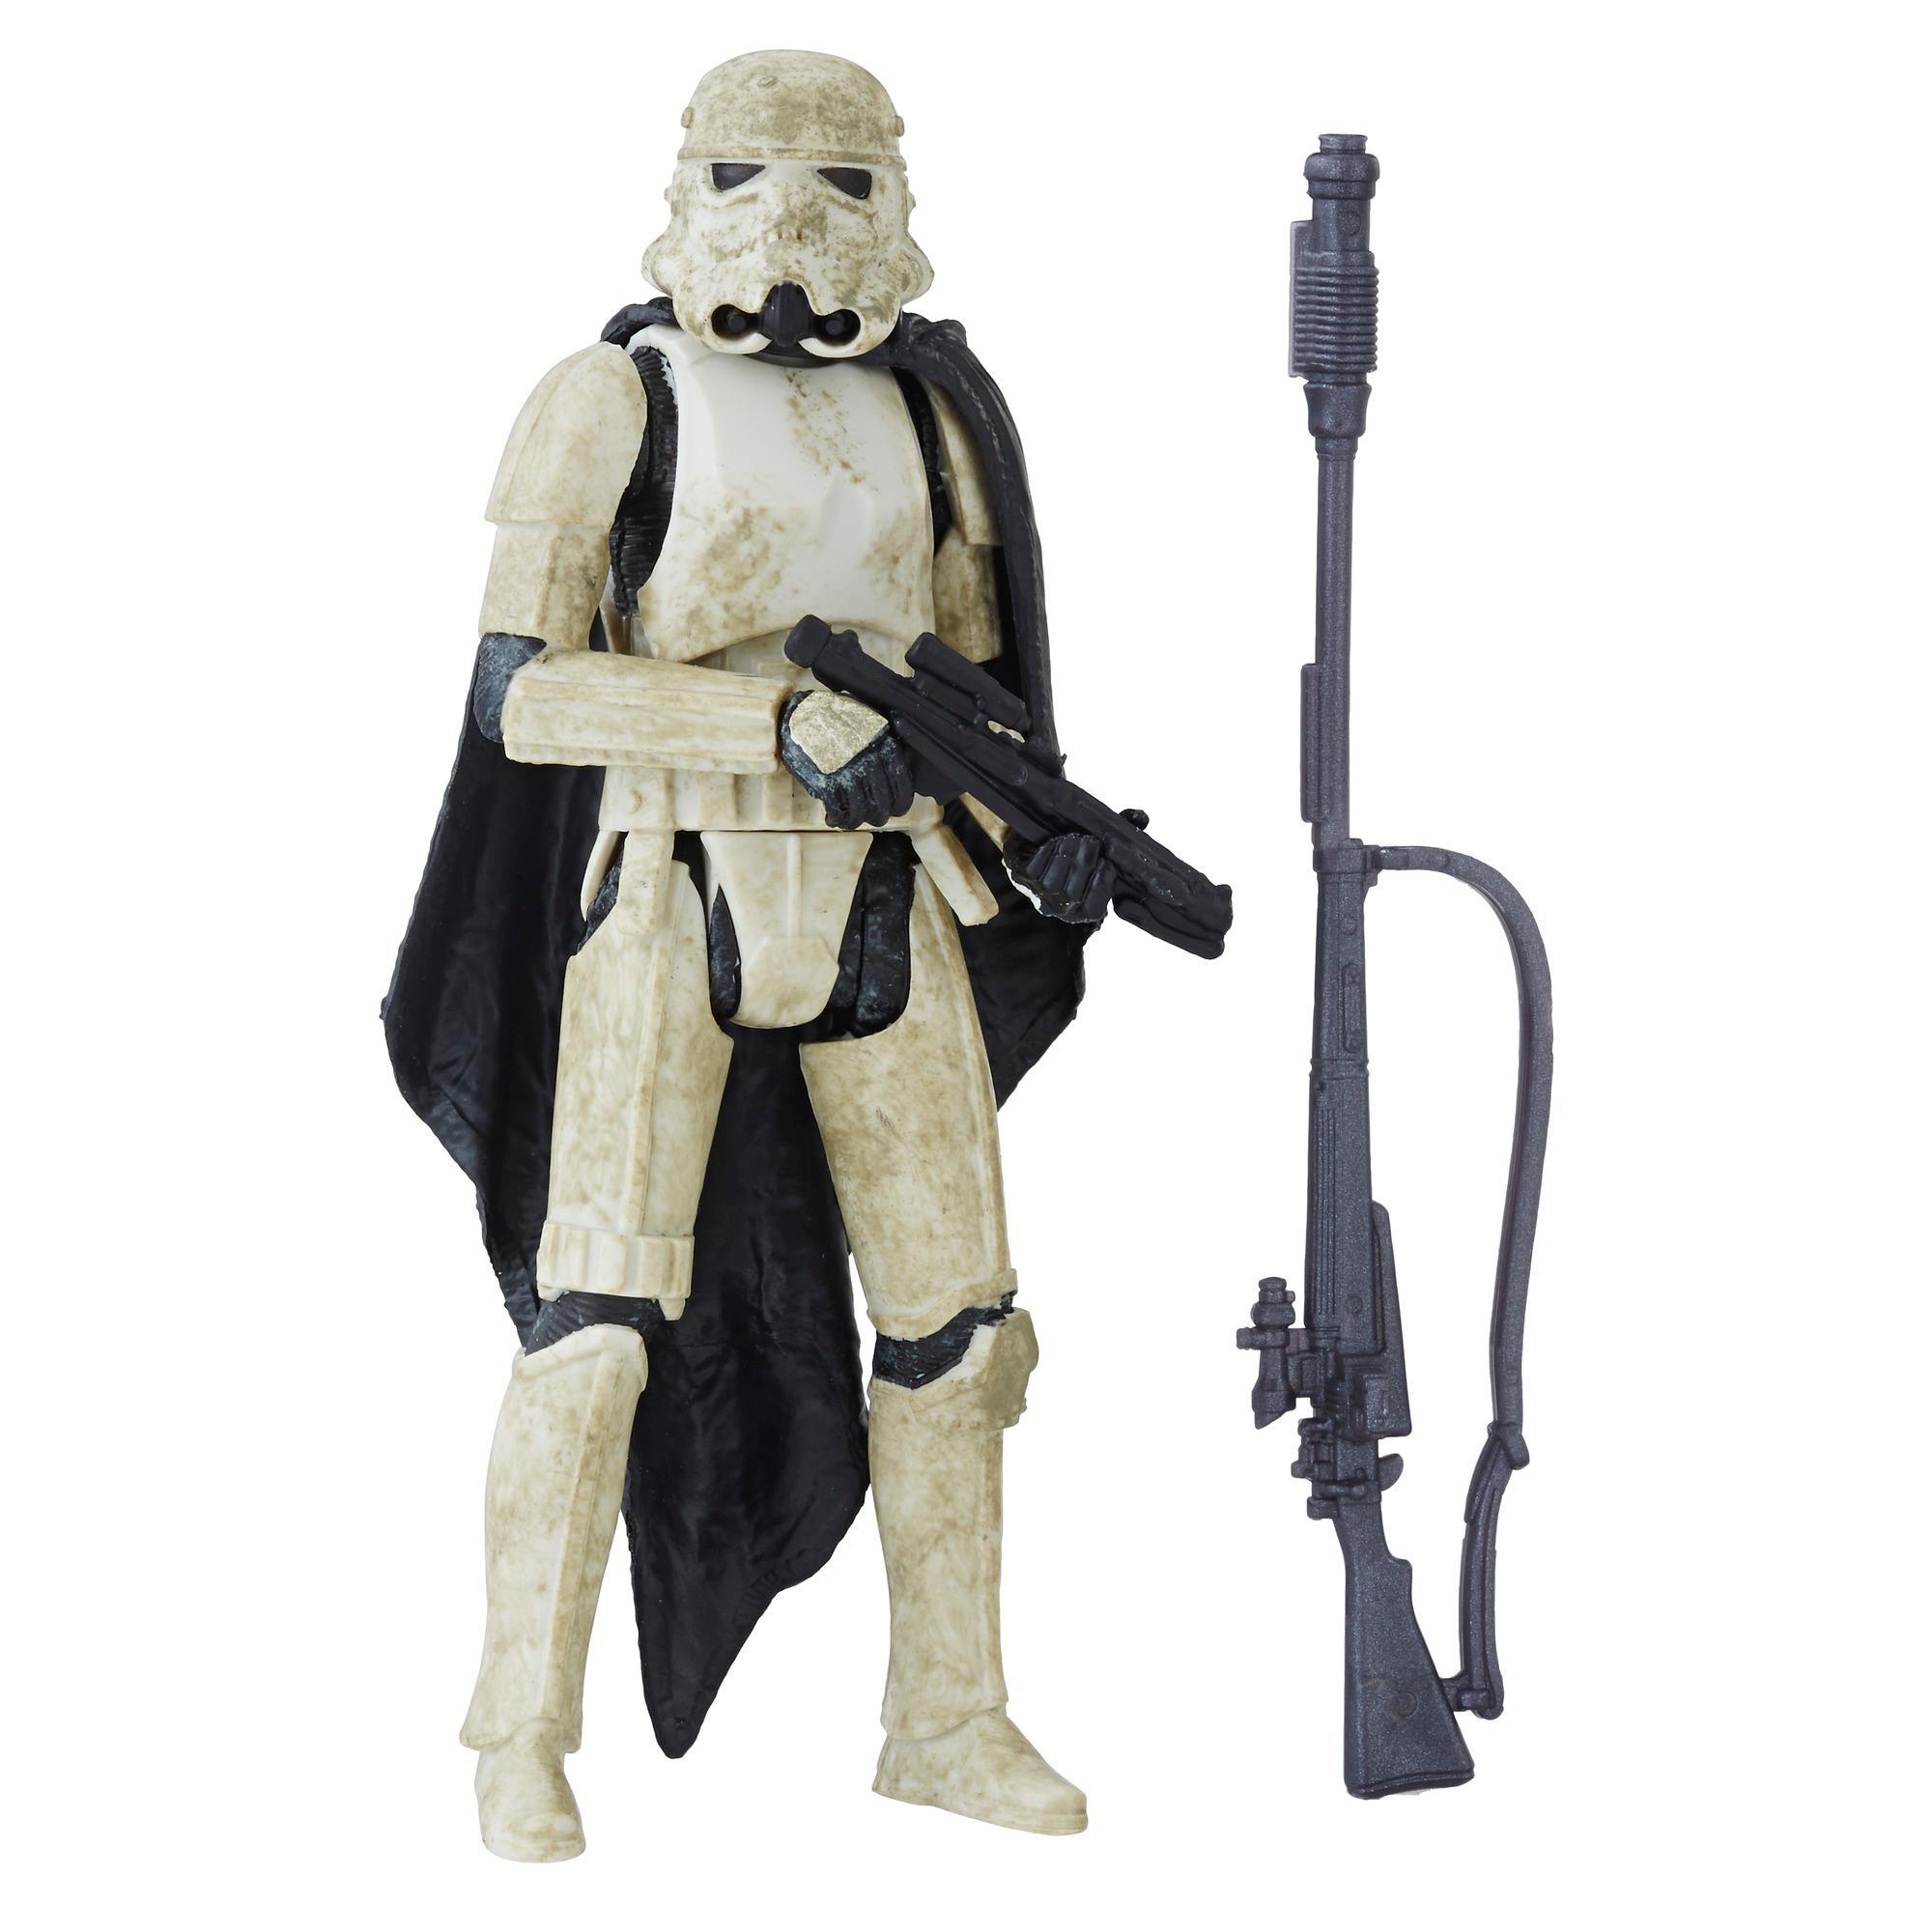 Star Wars Force Link 2.0 - Figurine Stormtrooper (Mimban)